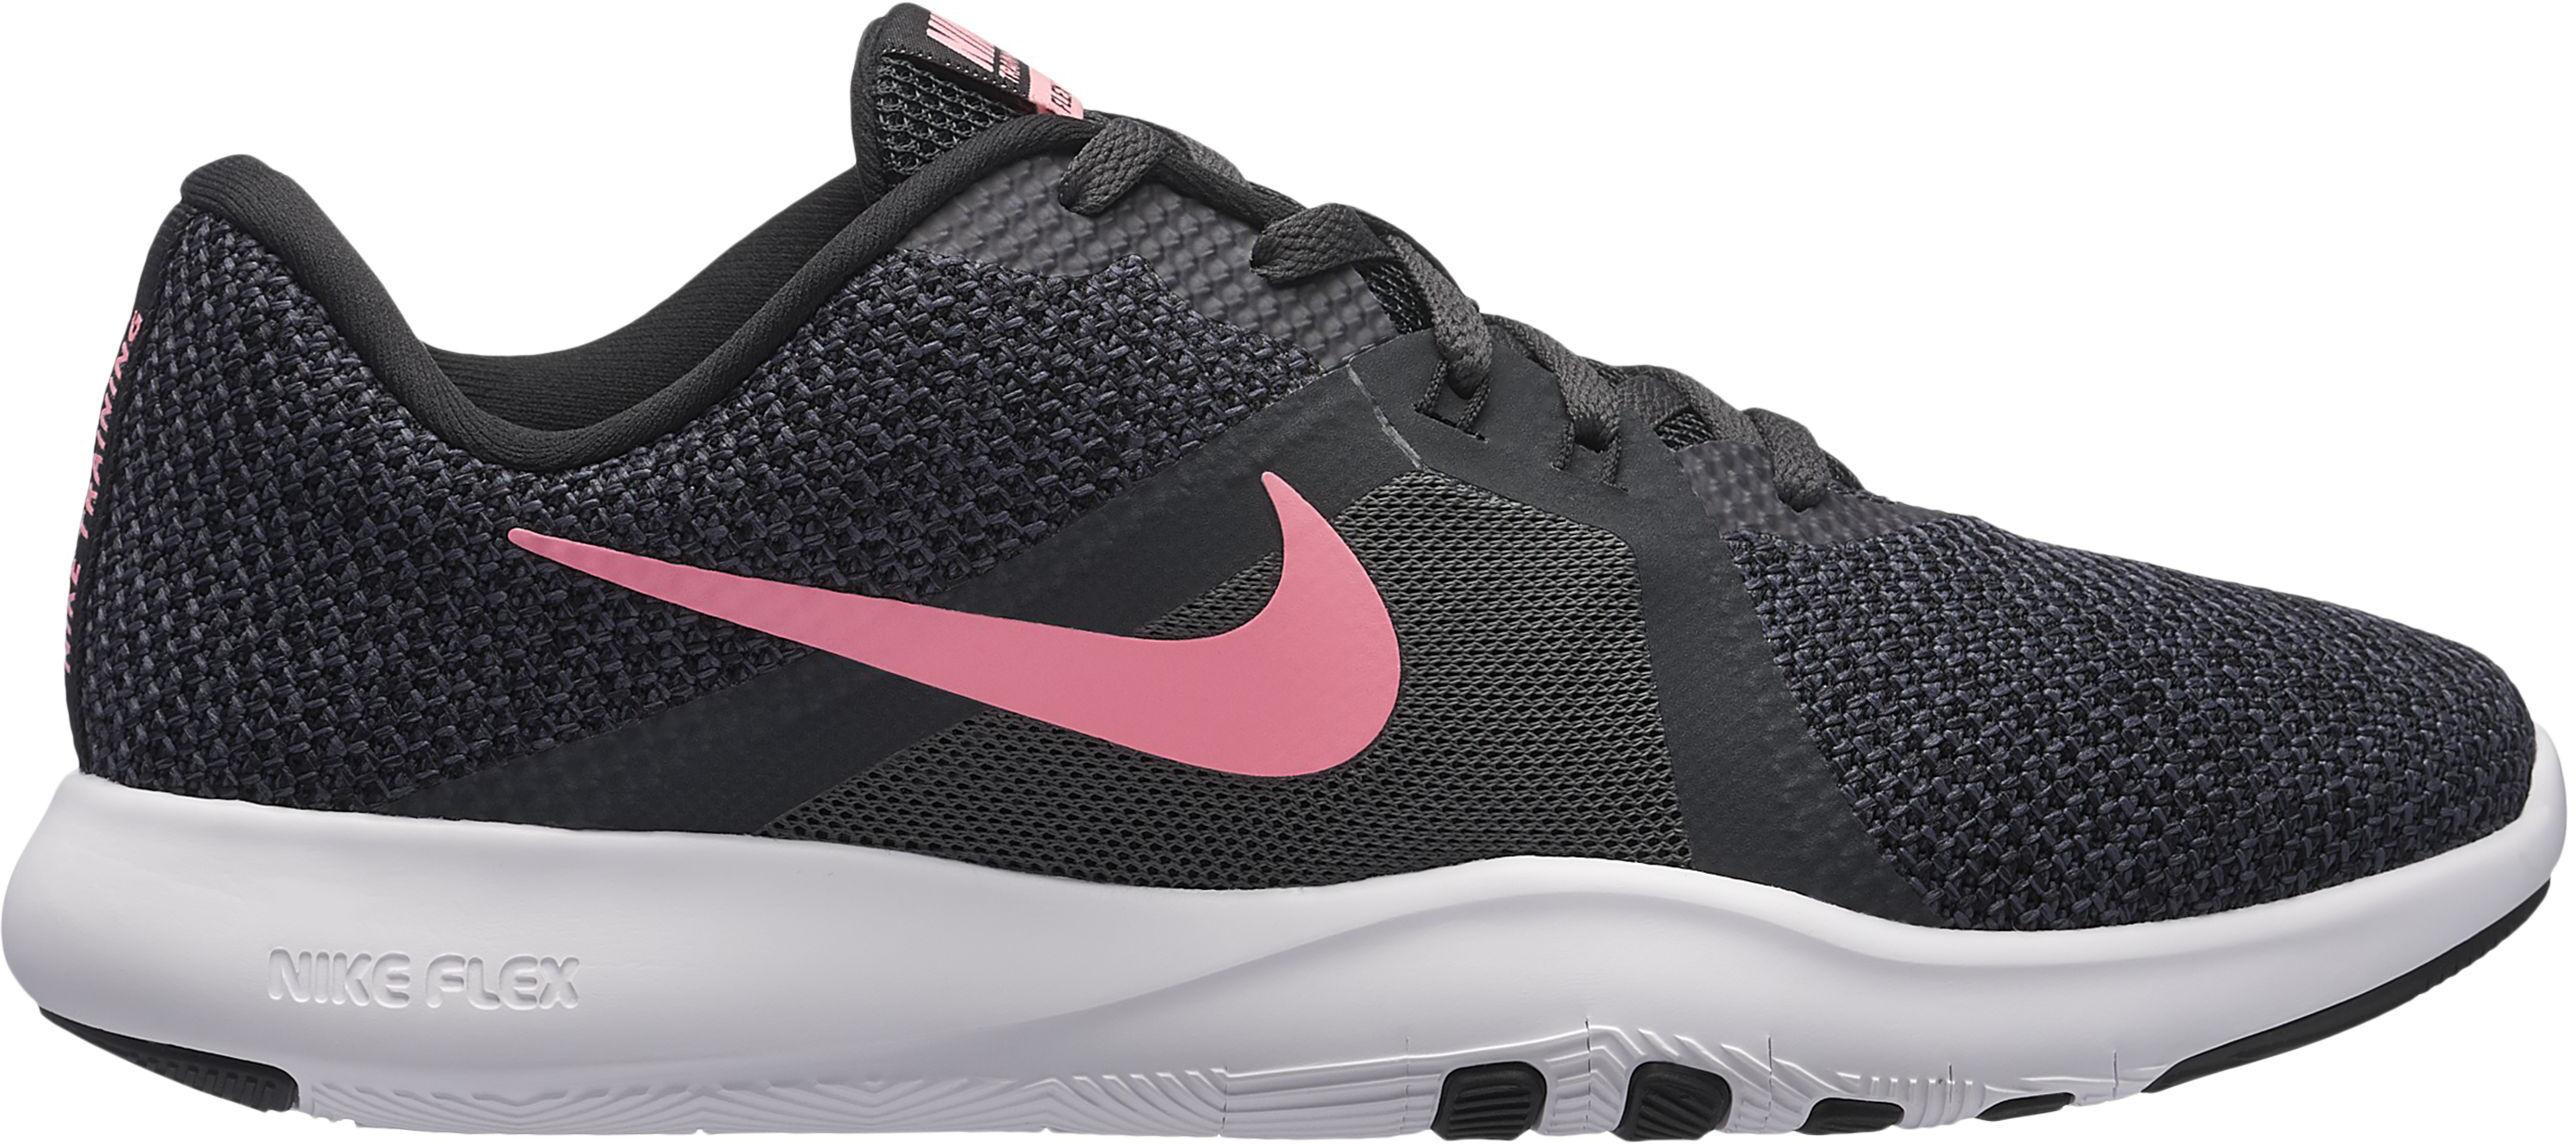 Sneaker Nike Damen W Flex Trainer 8 Fitnessschuhe 924339